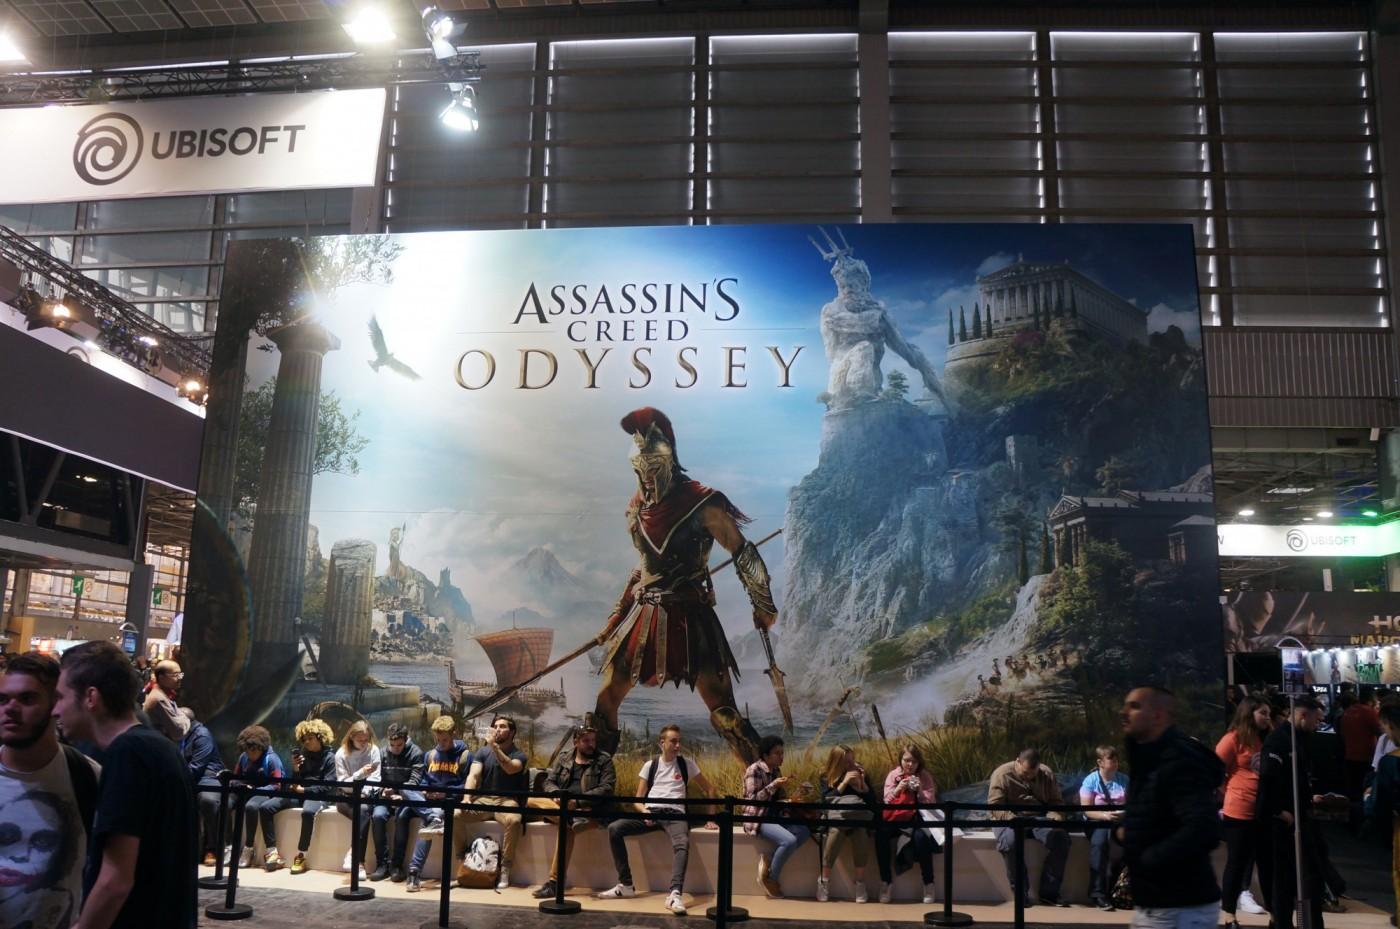 Ubisoft宣佈將活用遊戲版權資產,不以3A級遊戲強作為唯一營收來源